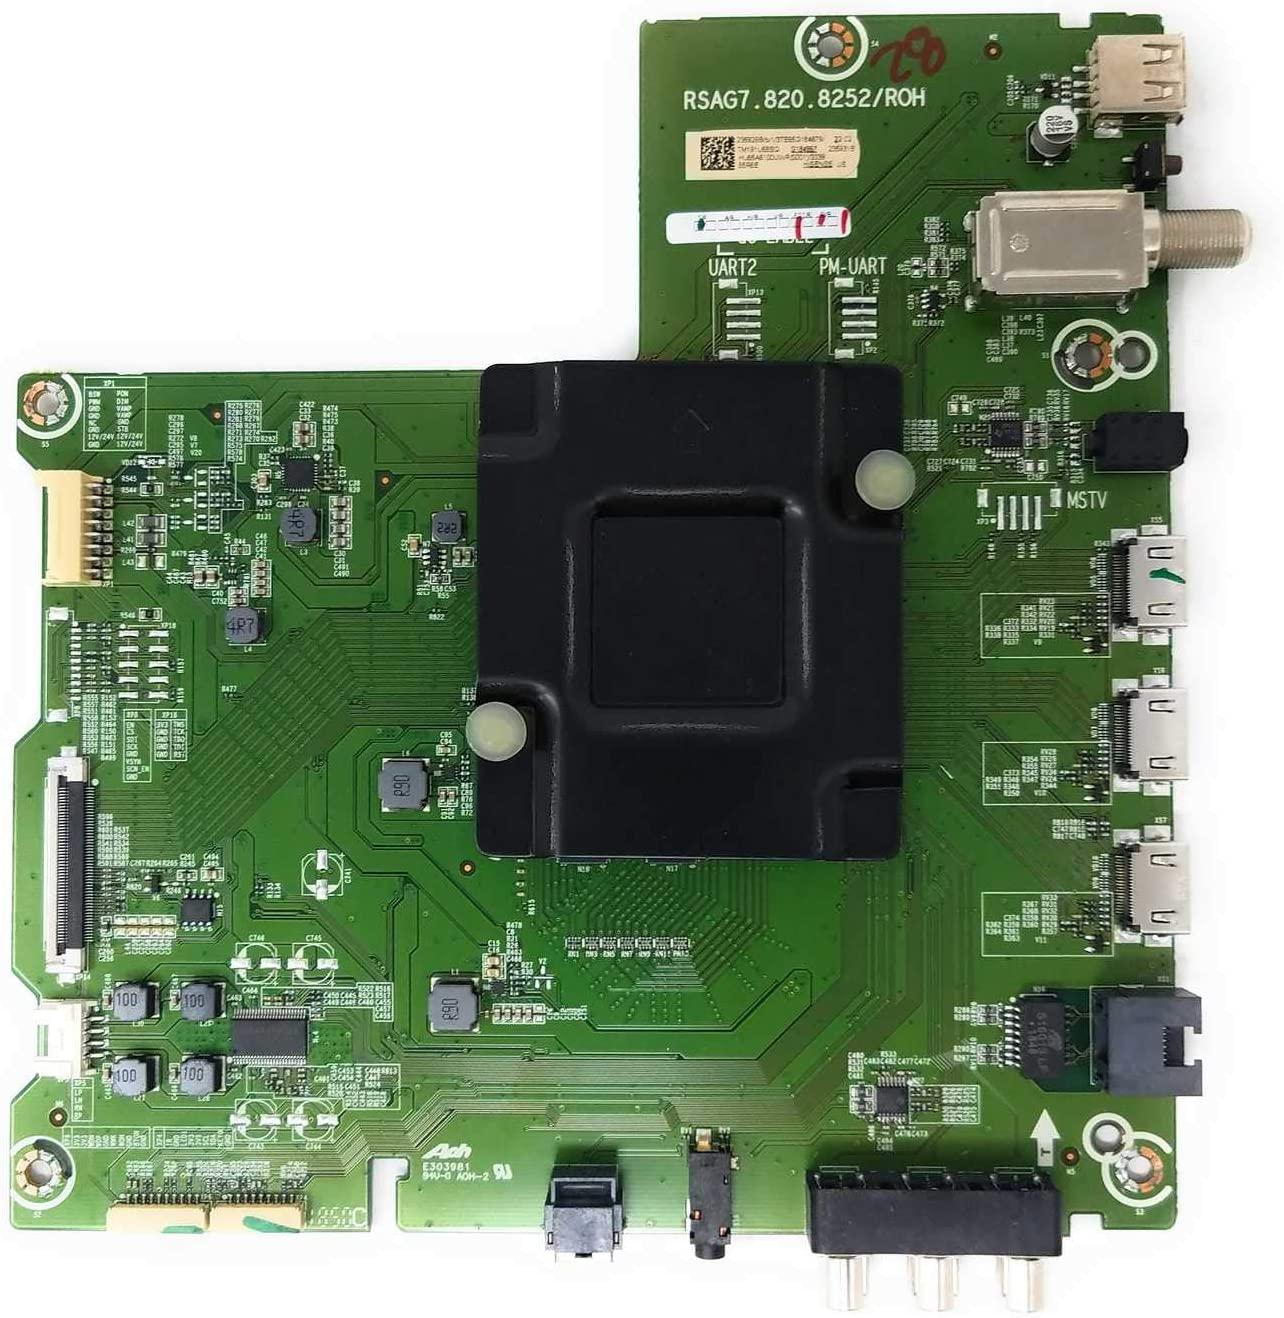 Main Board 235929B RSAG7.820.8252/ROH for HISENSE TV 65R6E